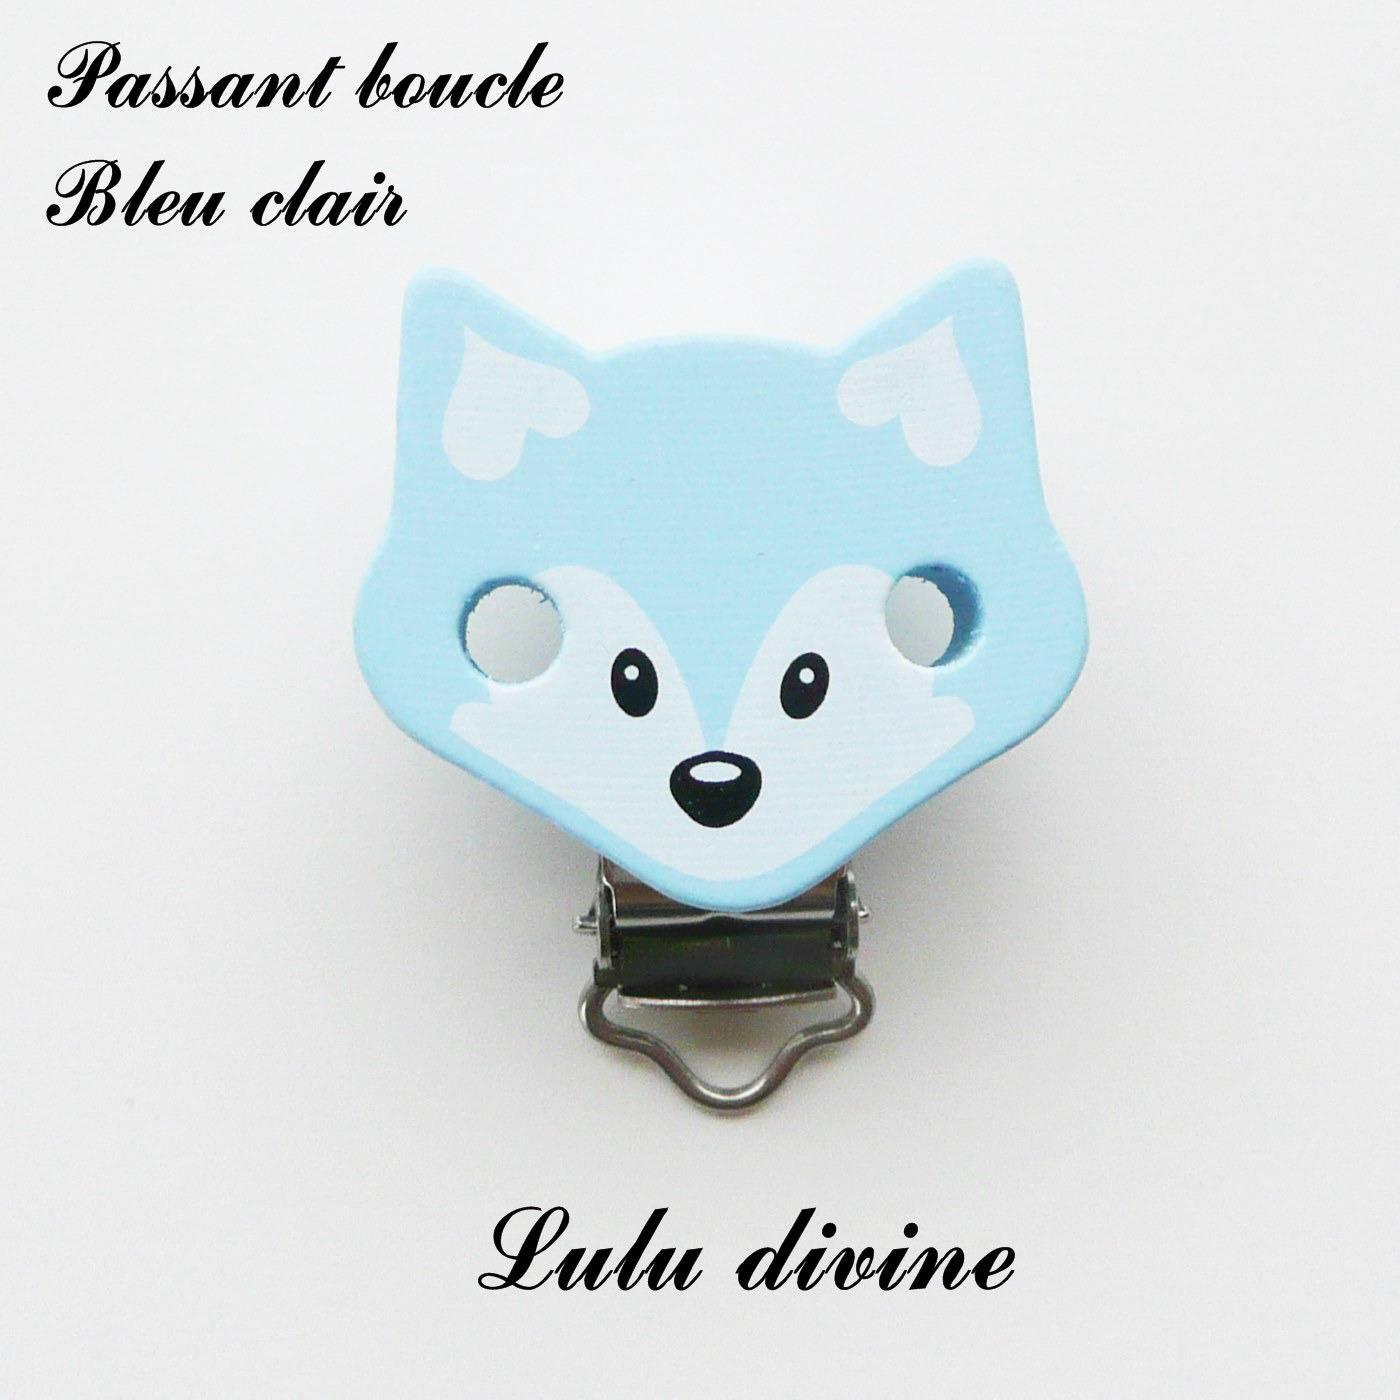 attache tétine passant boucle Pince // Clip en bois Renard : Bleu clair